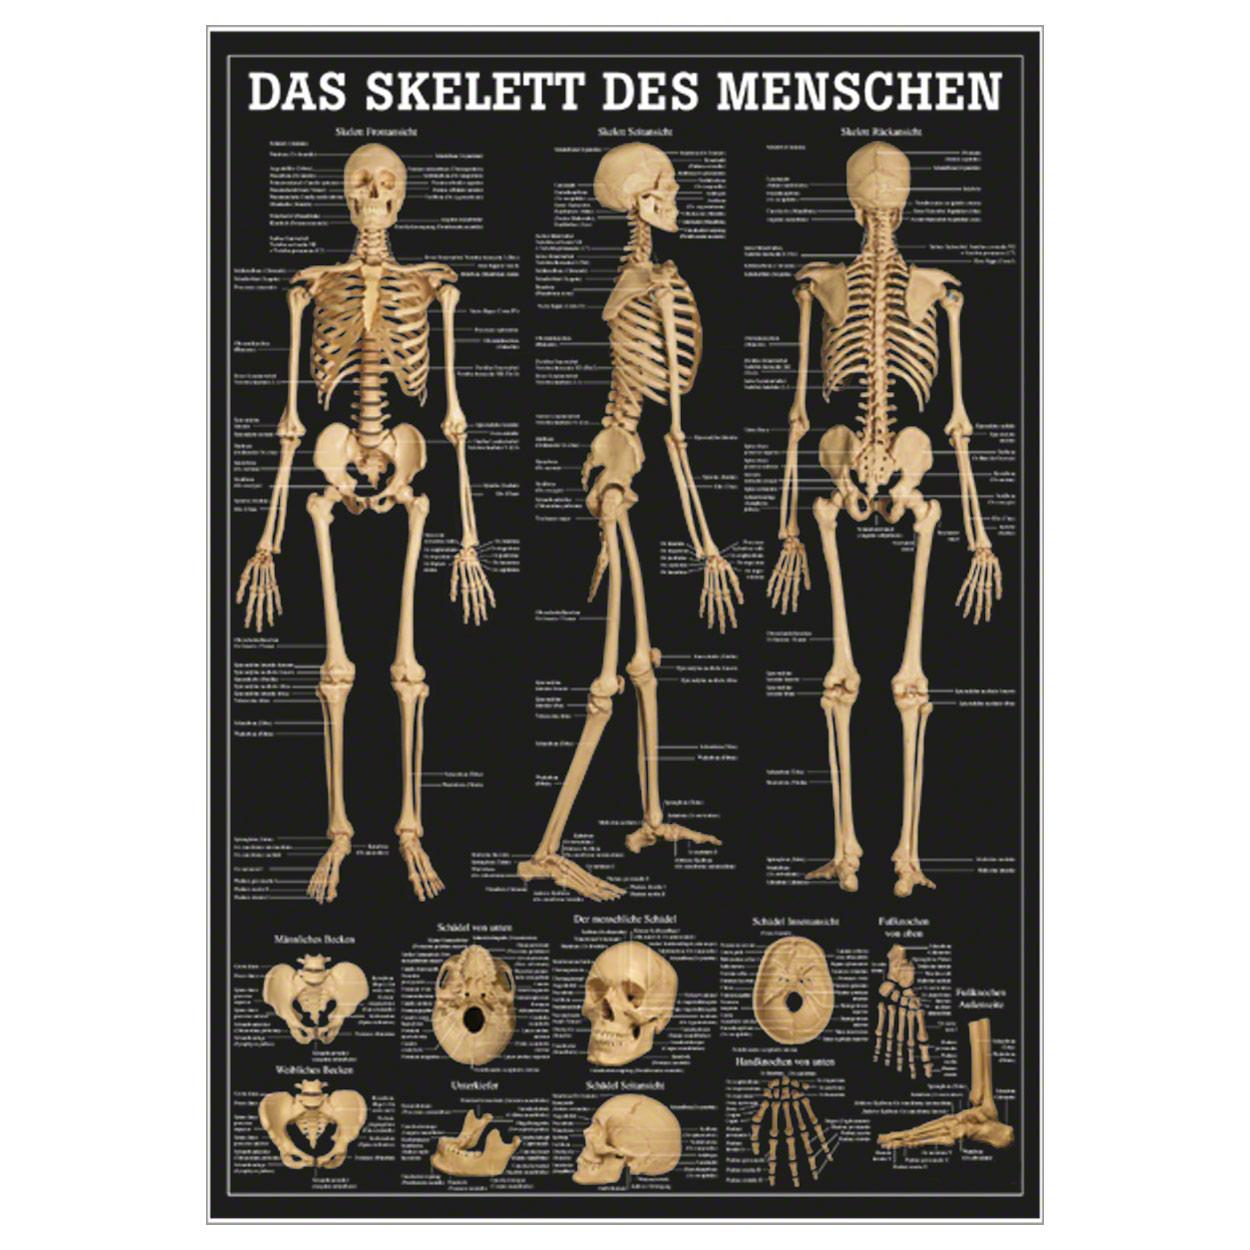 Das Skelett des Menschen Mini-Poster Anatomie 34x24 cm medizinische ...